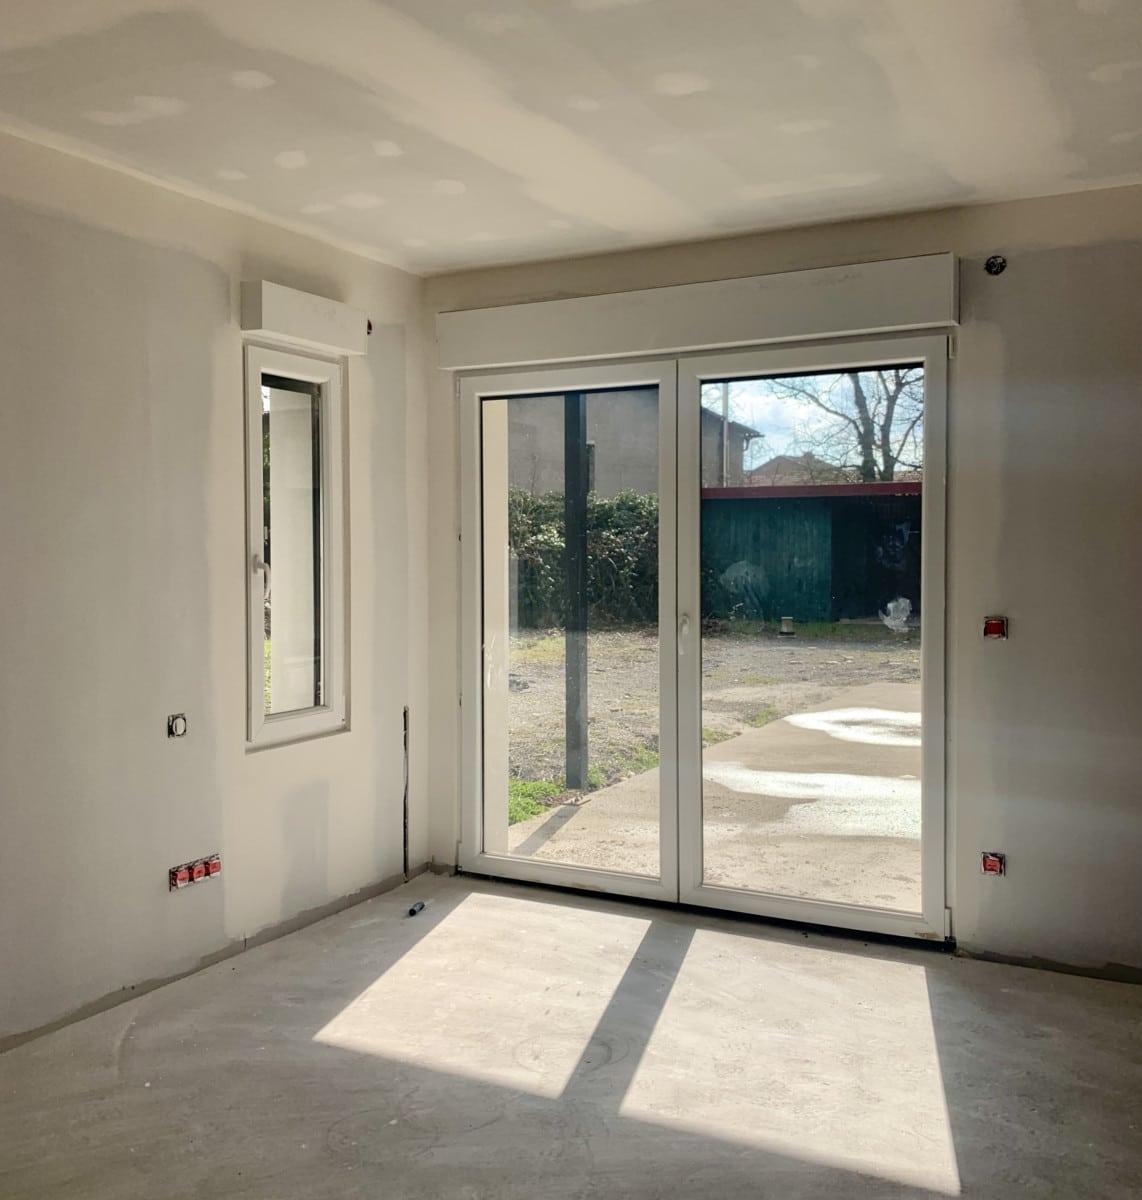 Urbavenir Chambre-parentale La maison aux 16 pans - Lunéville #2 actualites Blog chantiers Maison d'architecte Maison familiale Maison sur-mesure